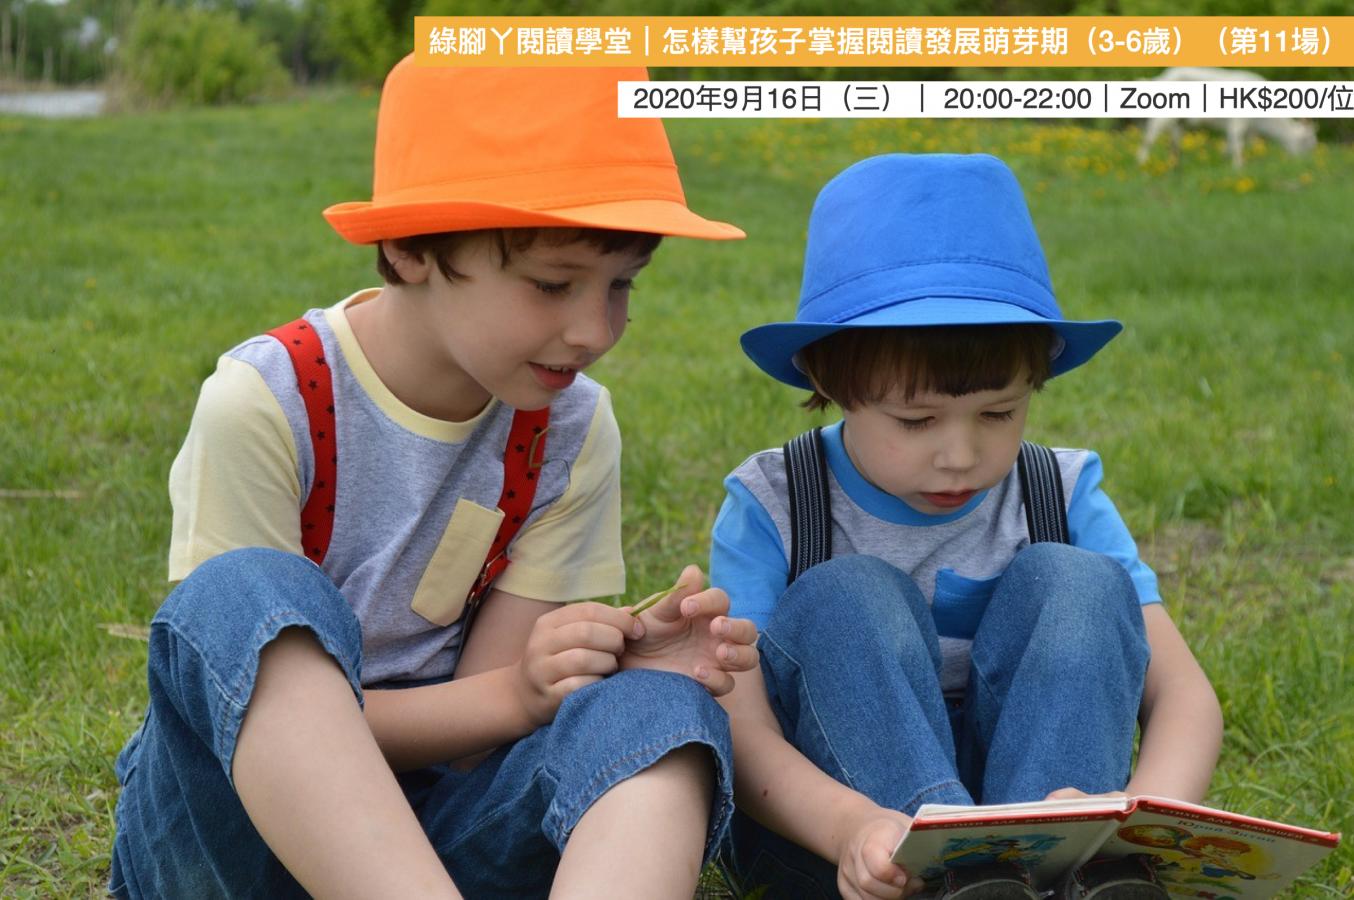 綠腳丫閱讀學堂|怎樣幫孩子掌握閱讀發展萌芽期(3-6歲)(第11場)